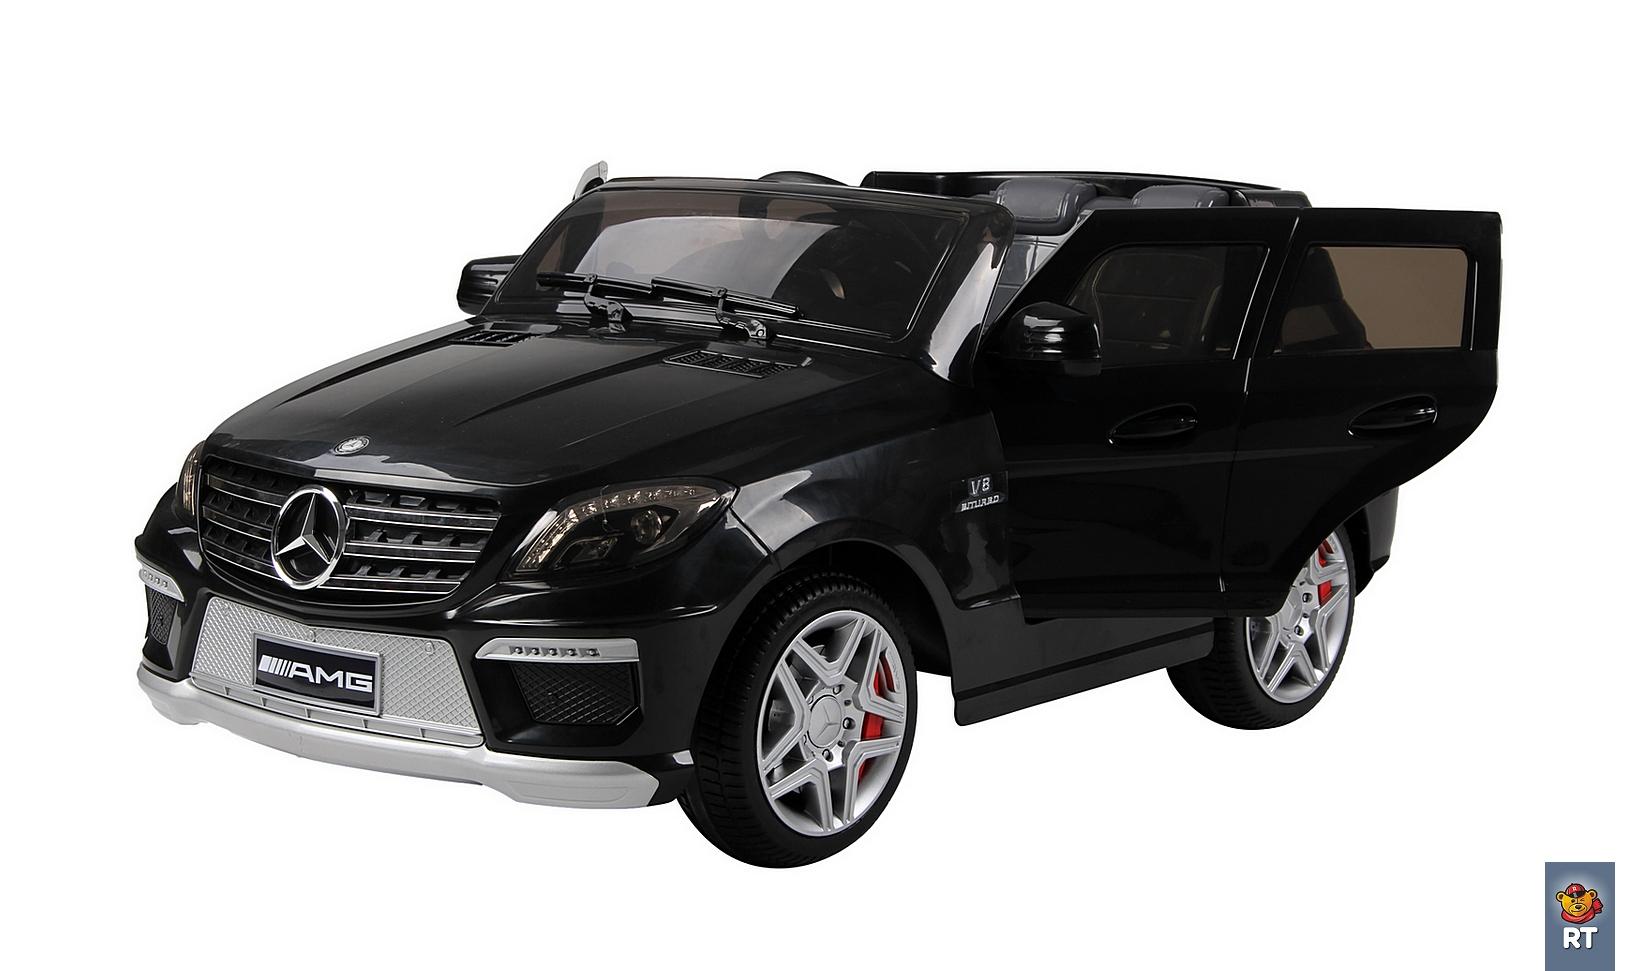 Электромобиль RT ML63 Mercedes-Bens AMG 12V R/C black с резиновыми колесамиЭлектромобили, детские машины на аккумуляторе<br>Электромобиль RT ML63 Mercedes-Bens AMG 12V R/C black с резиновыми колесами<br>